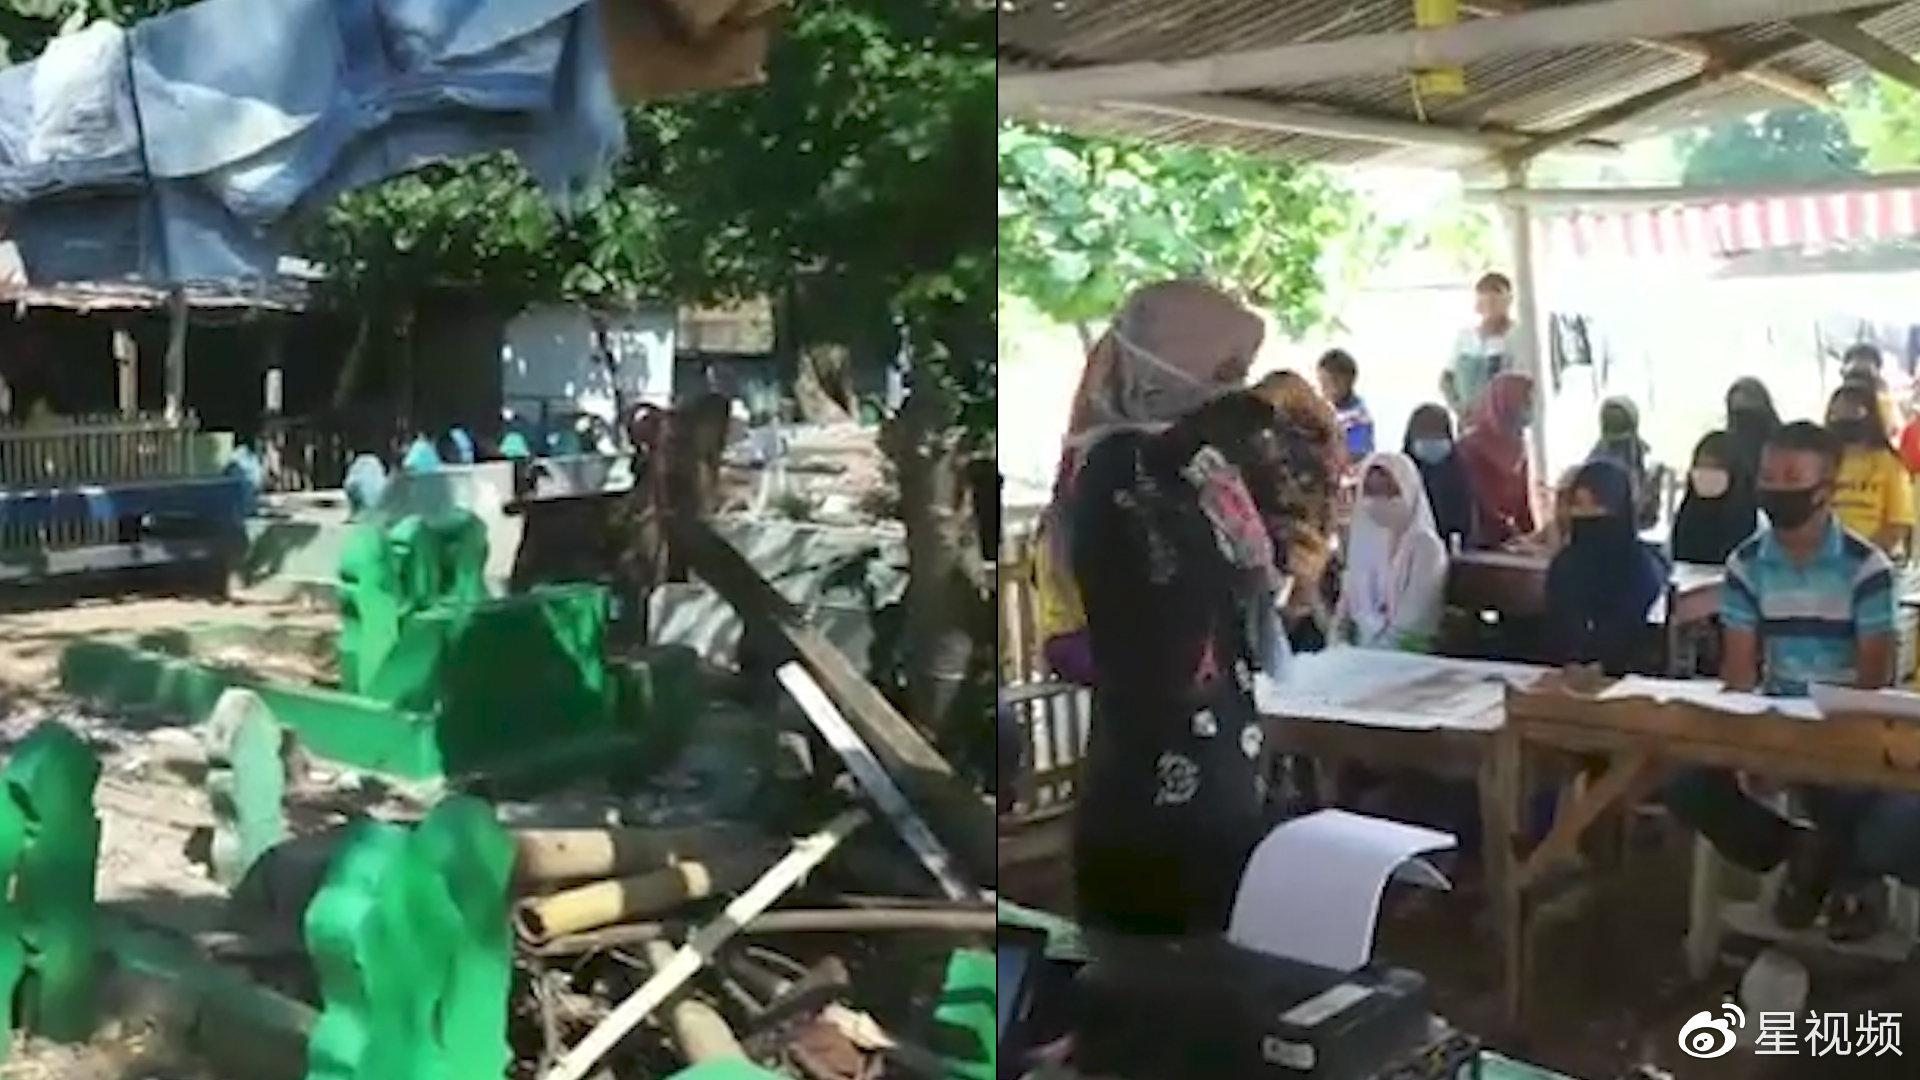 疫情期间,印尼部分孩子无钱上网课,在墓地借地学习